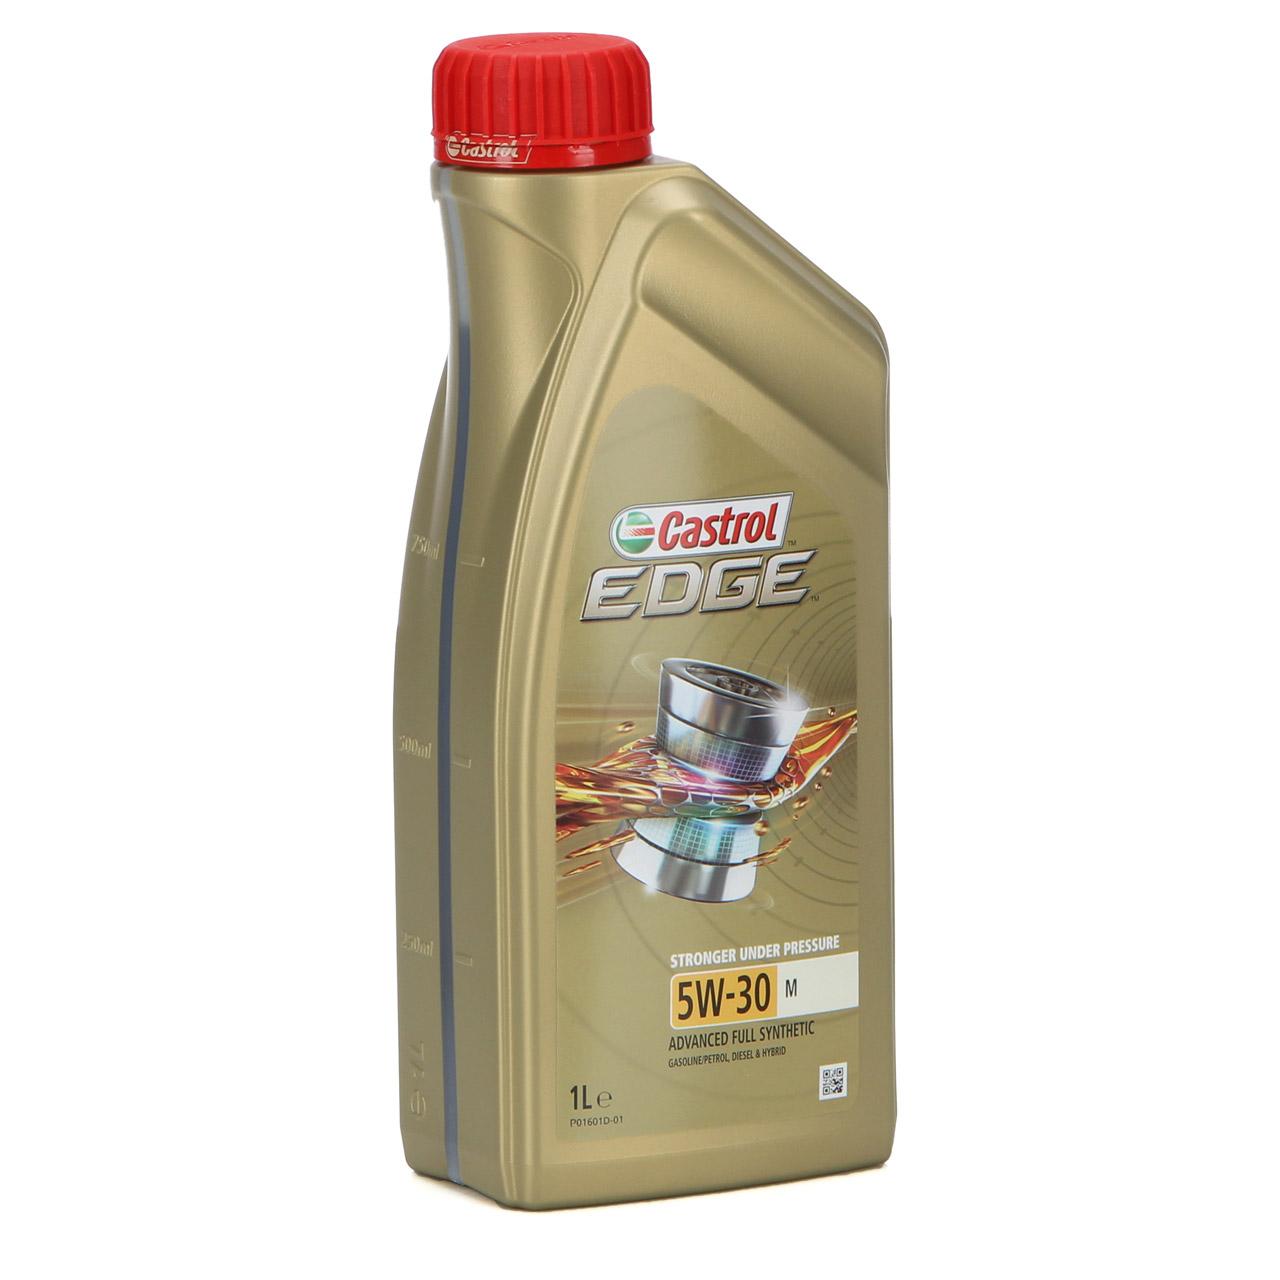 1L 1 Liter CASTROL Edge TITANIUM Motoröl ÖL 5W30 M BMW LL-04 MB 229.31/51/52